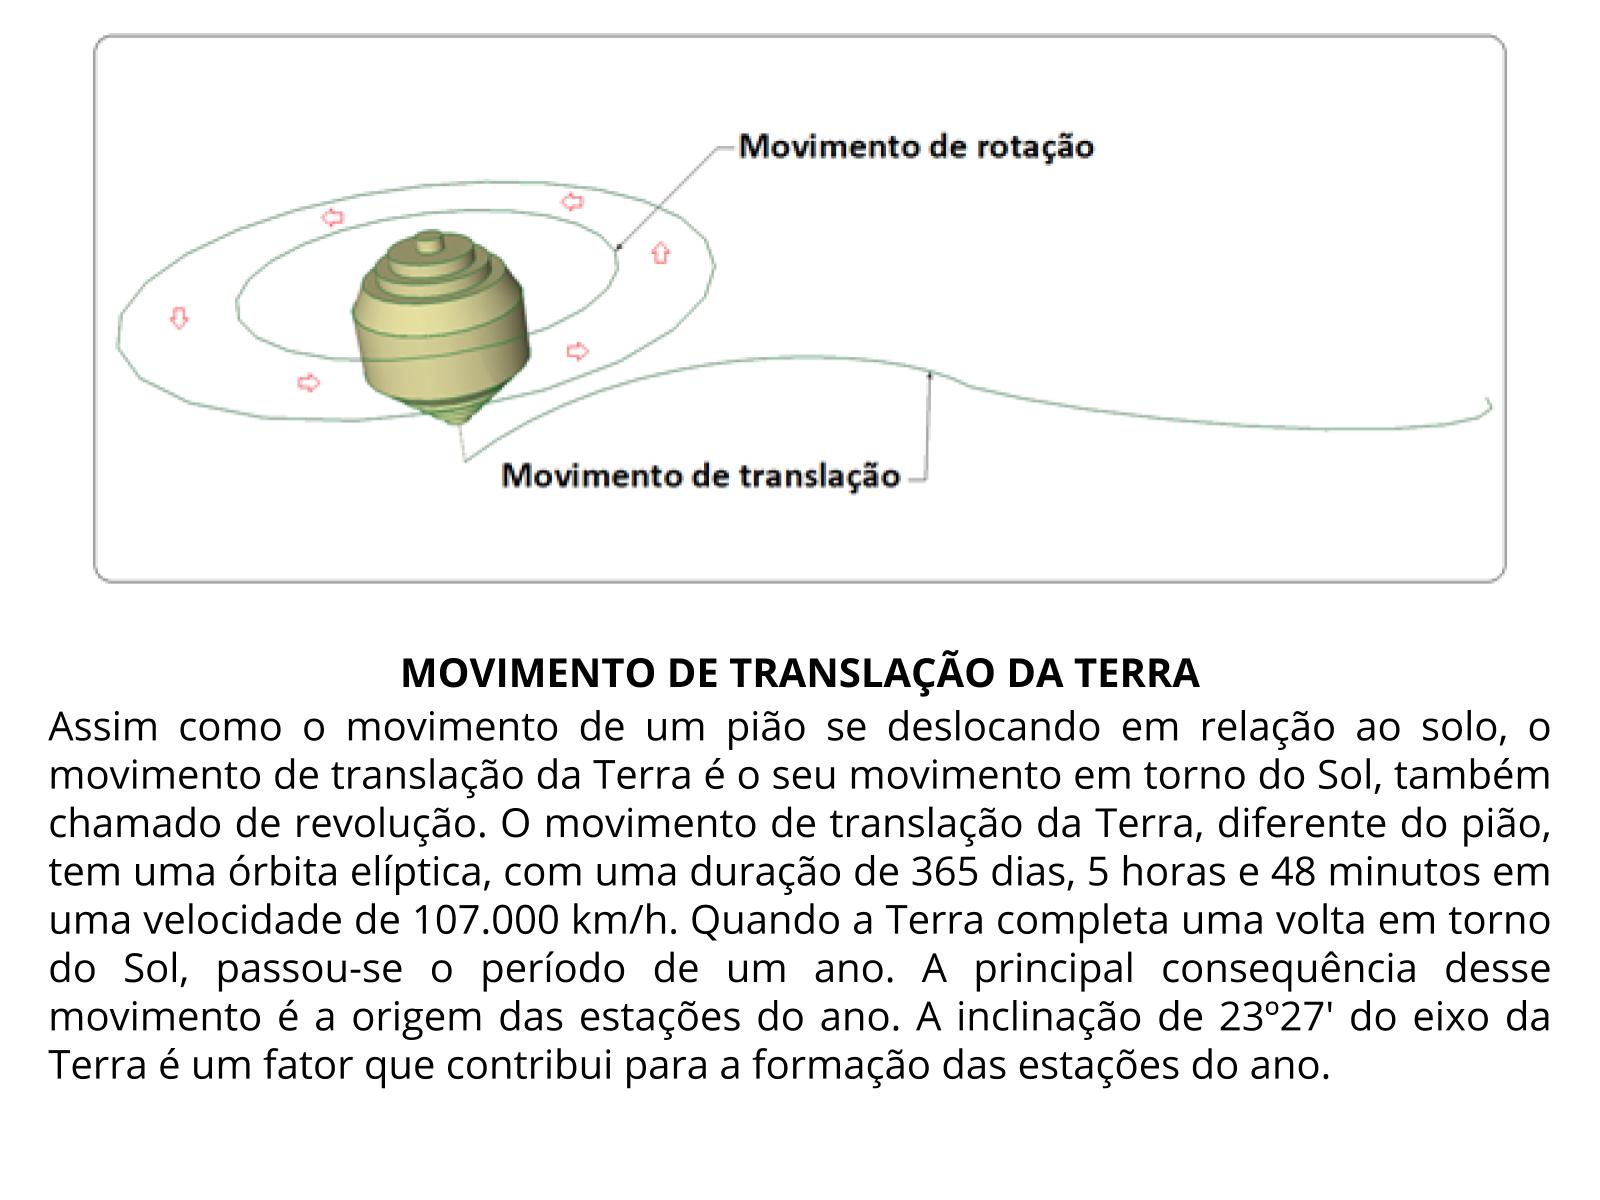 Características do movimento de translação da terra